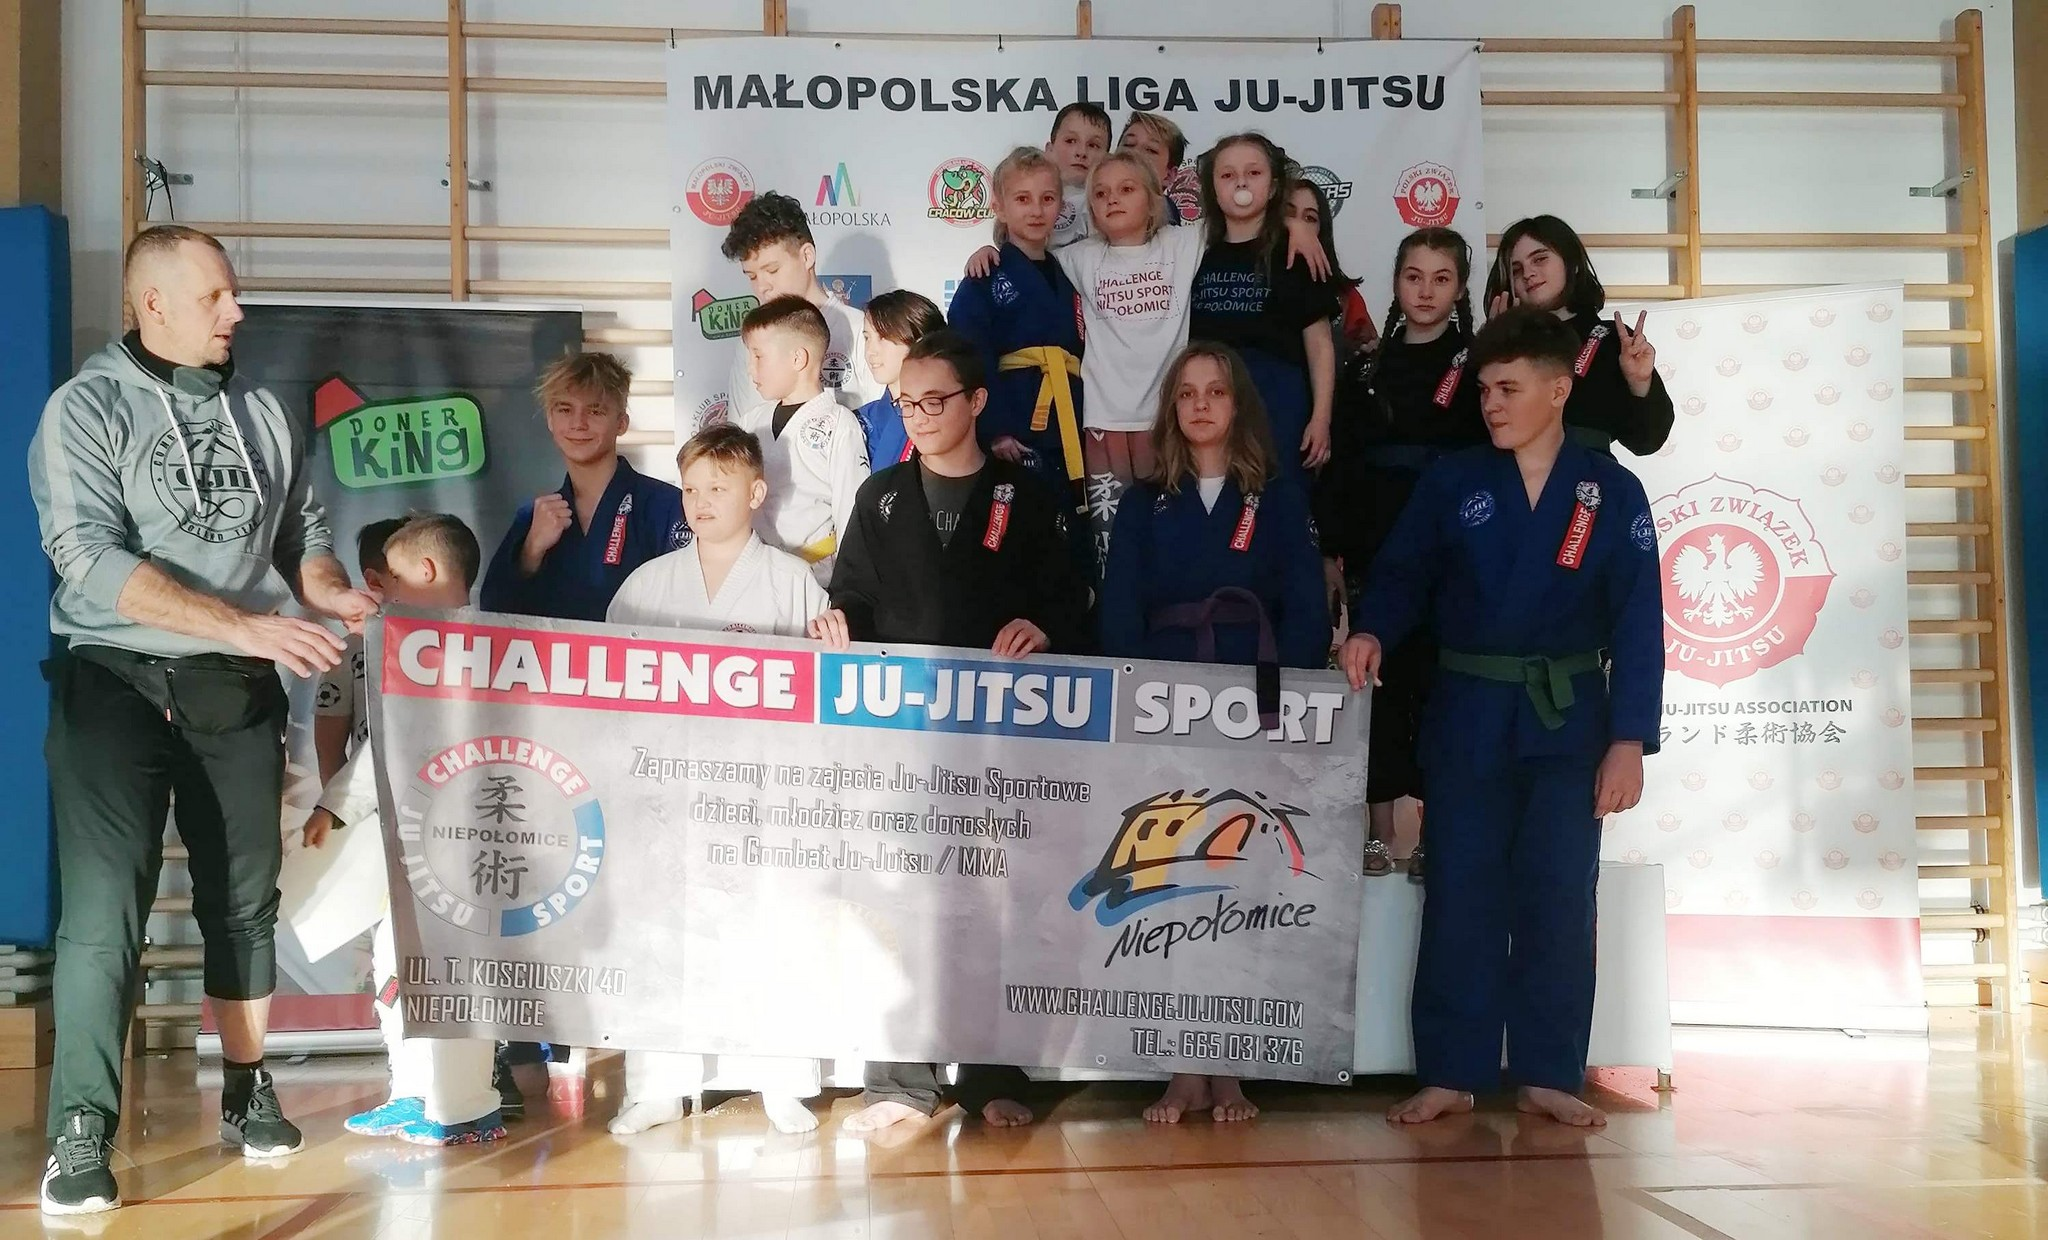 Zdjęcie grupowe medalistów Małopolskiej Ligi Ju-Jitsu w Nowym Sączu